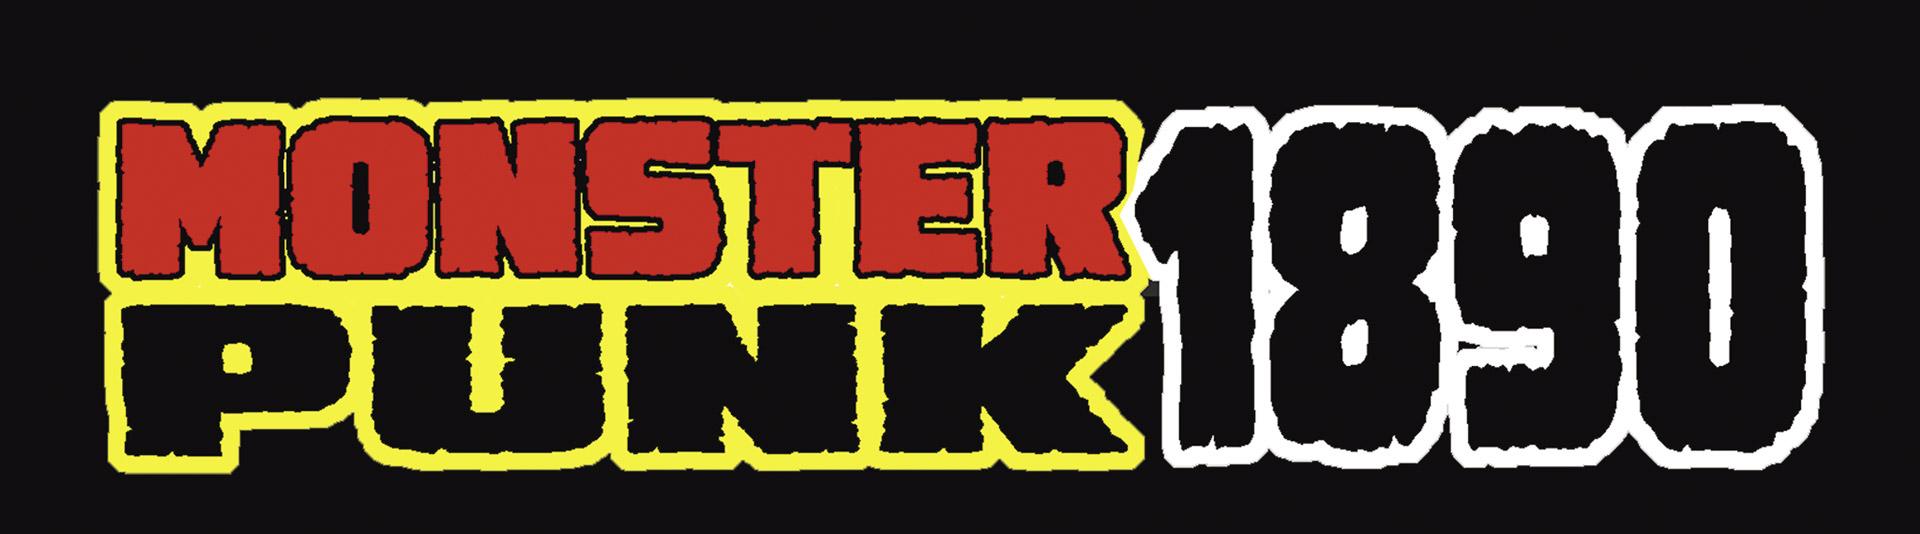 MonsterPunk 1890